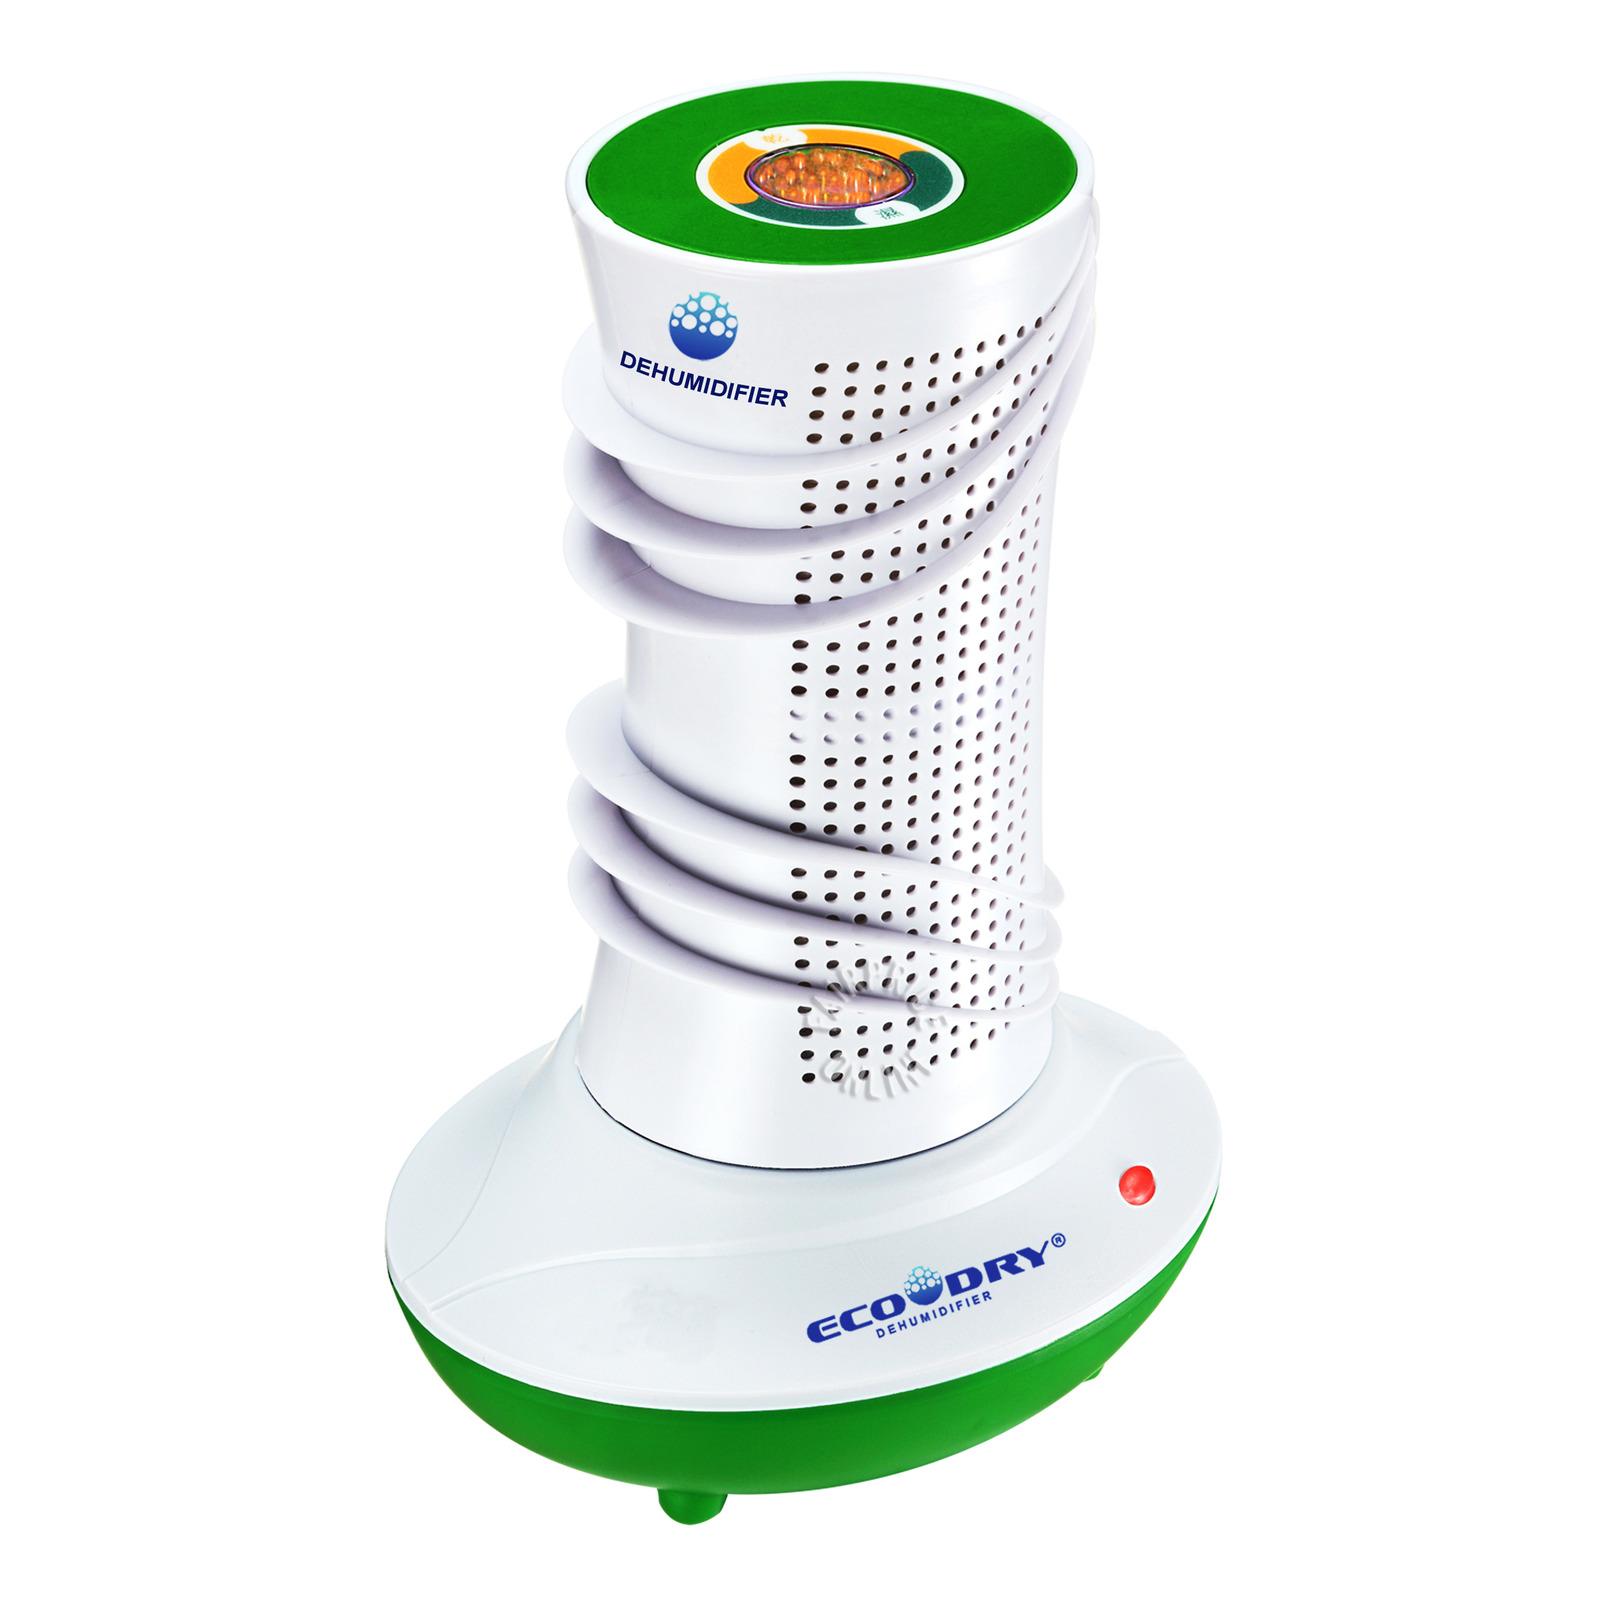 Olee Dehumidifier - Turbo (OL-323)